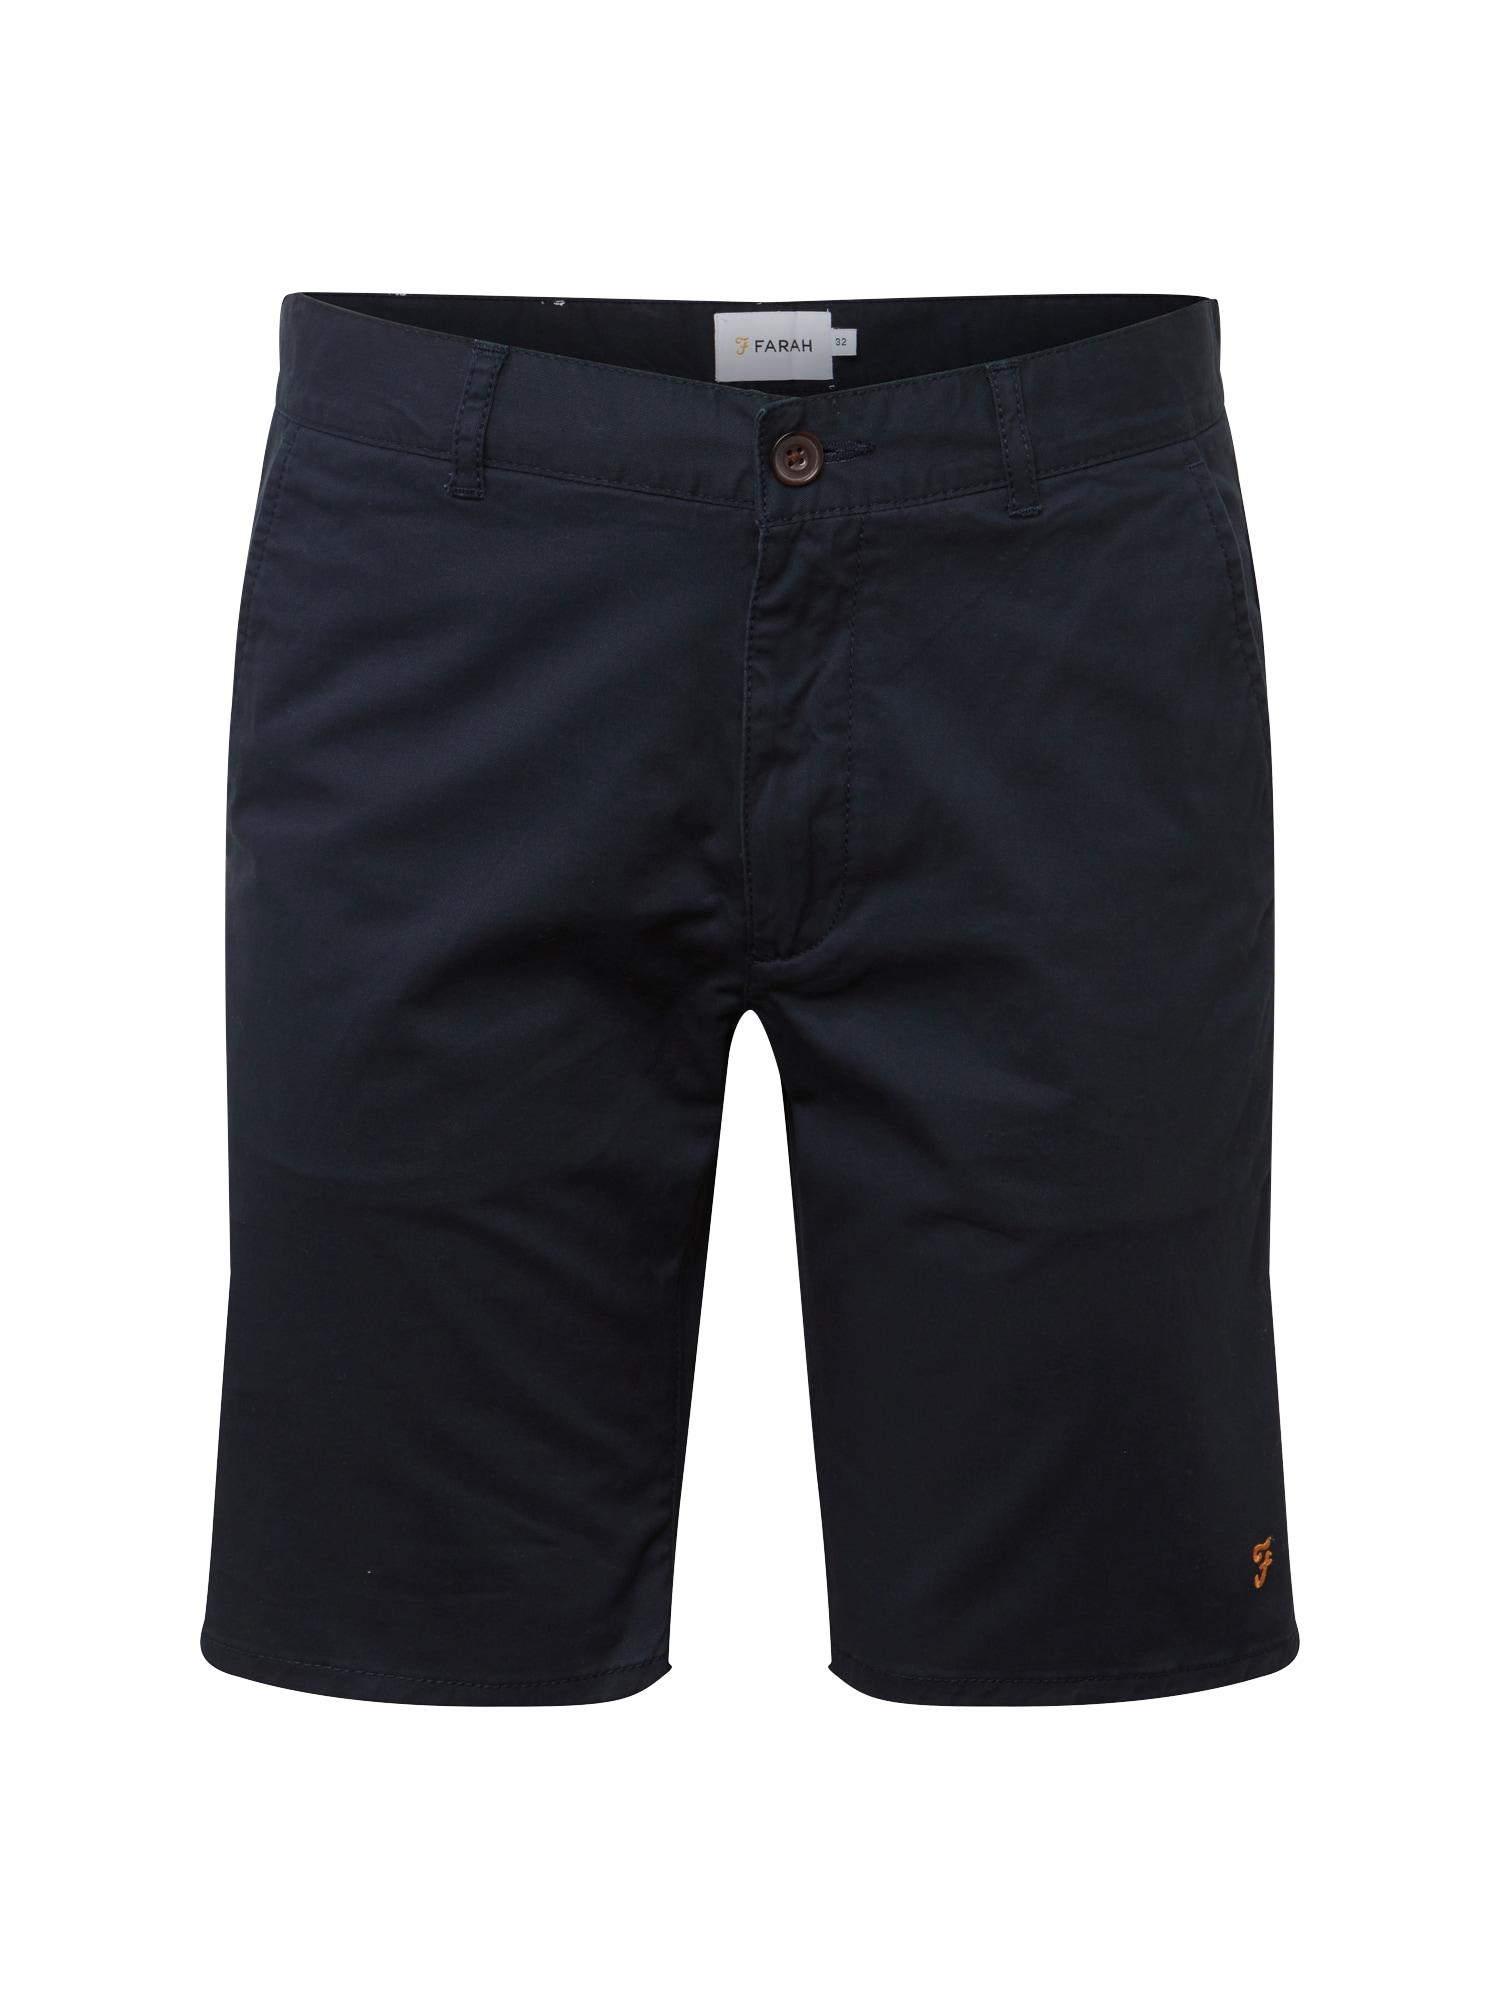 Chino kalhoty HAWK SHORT CHINO TWILL námořnická modř FARAH